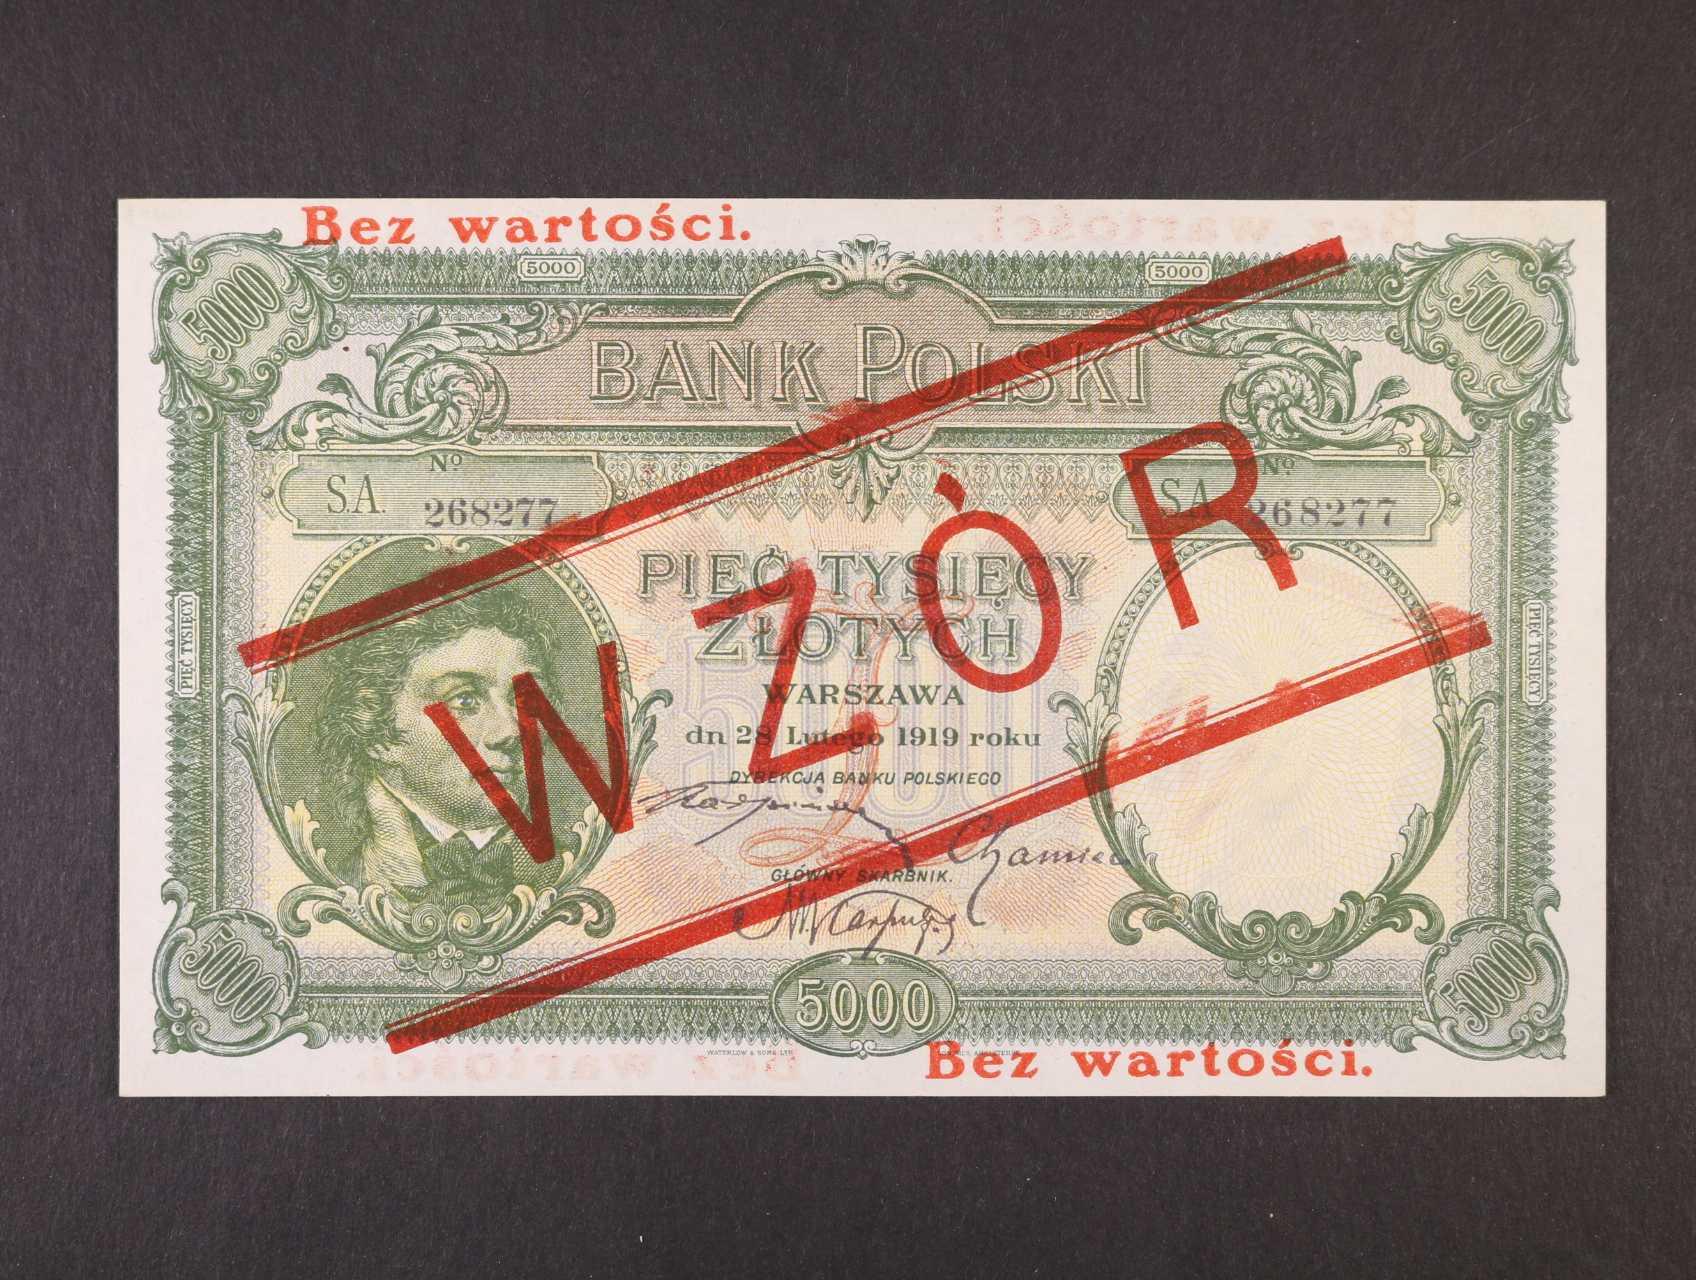 5000 Zlotych 28.2.1919 série S.A. s přetiskem WZÓR, Pi. 60